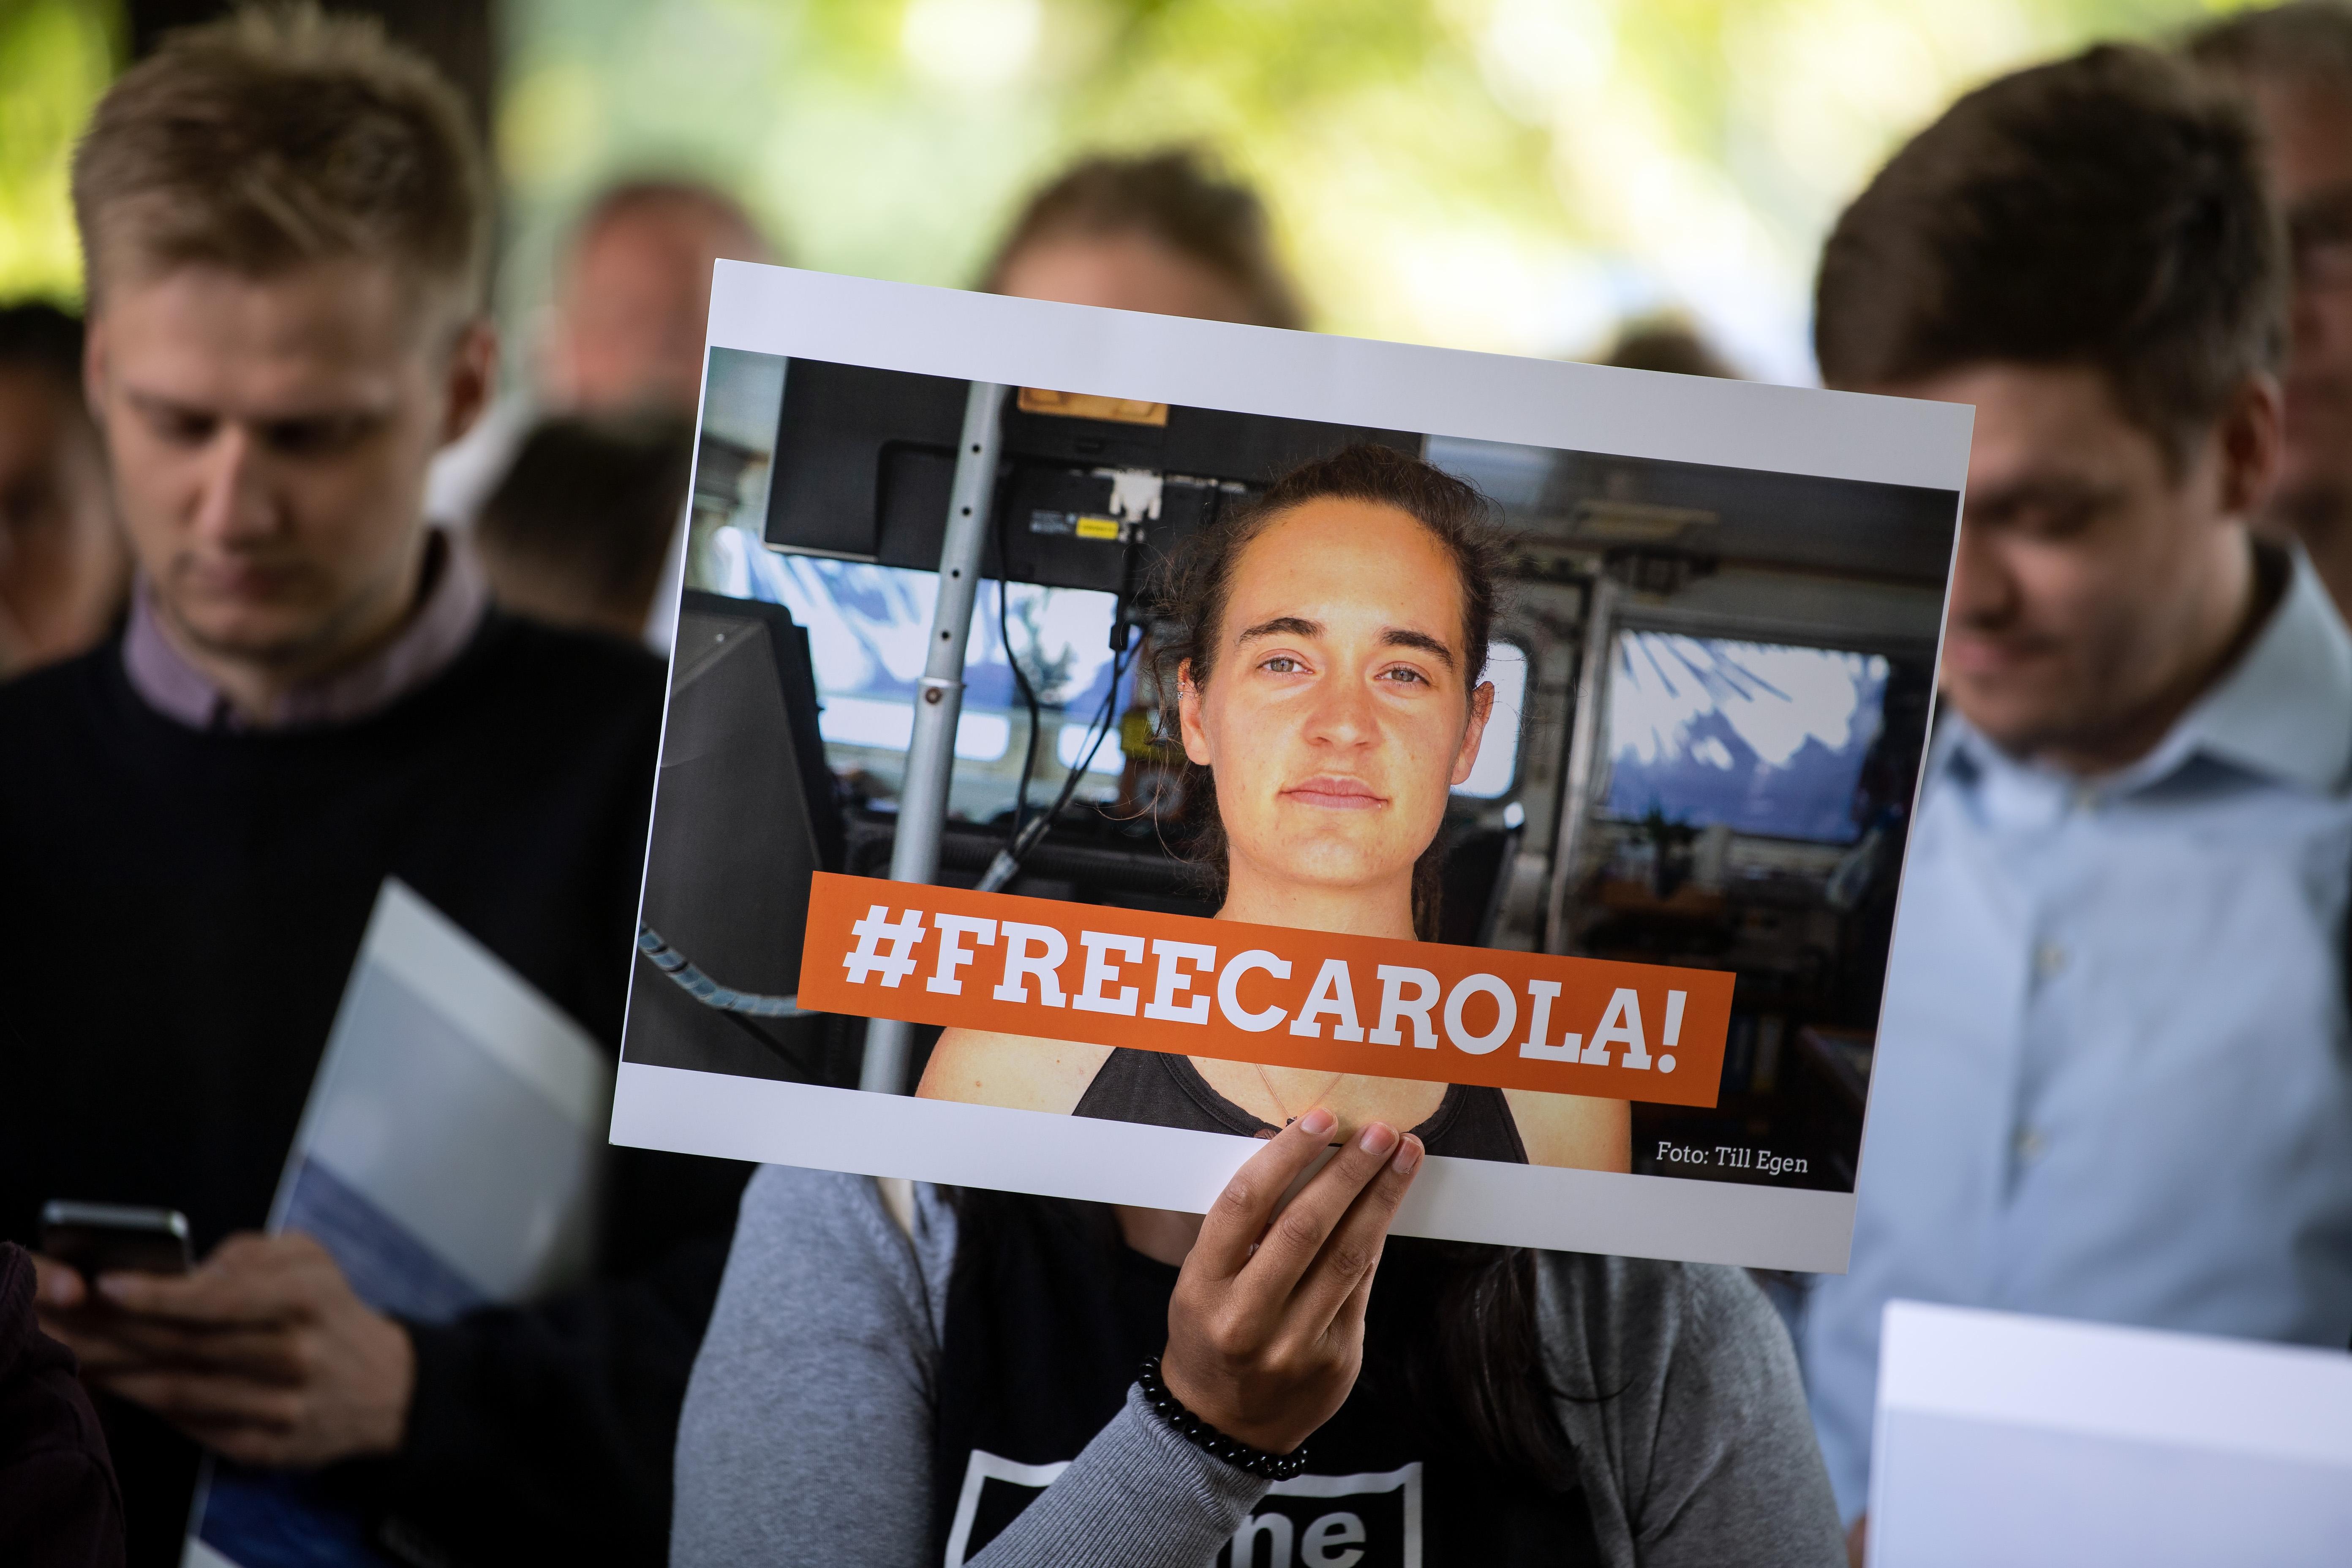 Szabadon engedik Carola Racketét, Salvini rögtön ki is utasítja Olaszországból